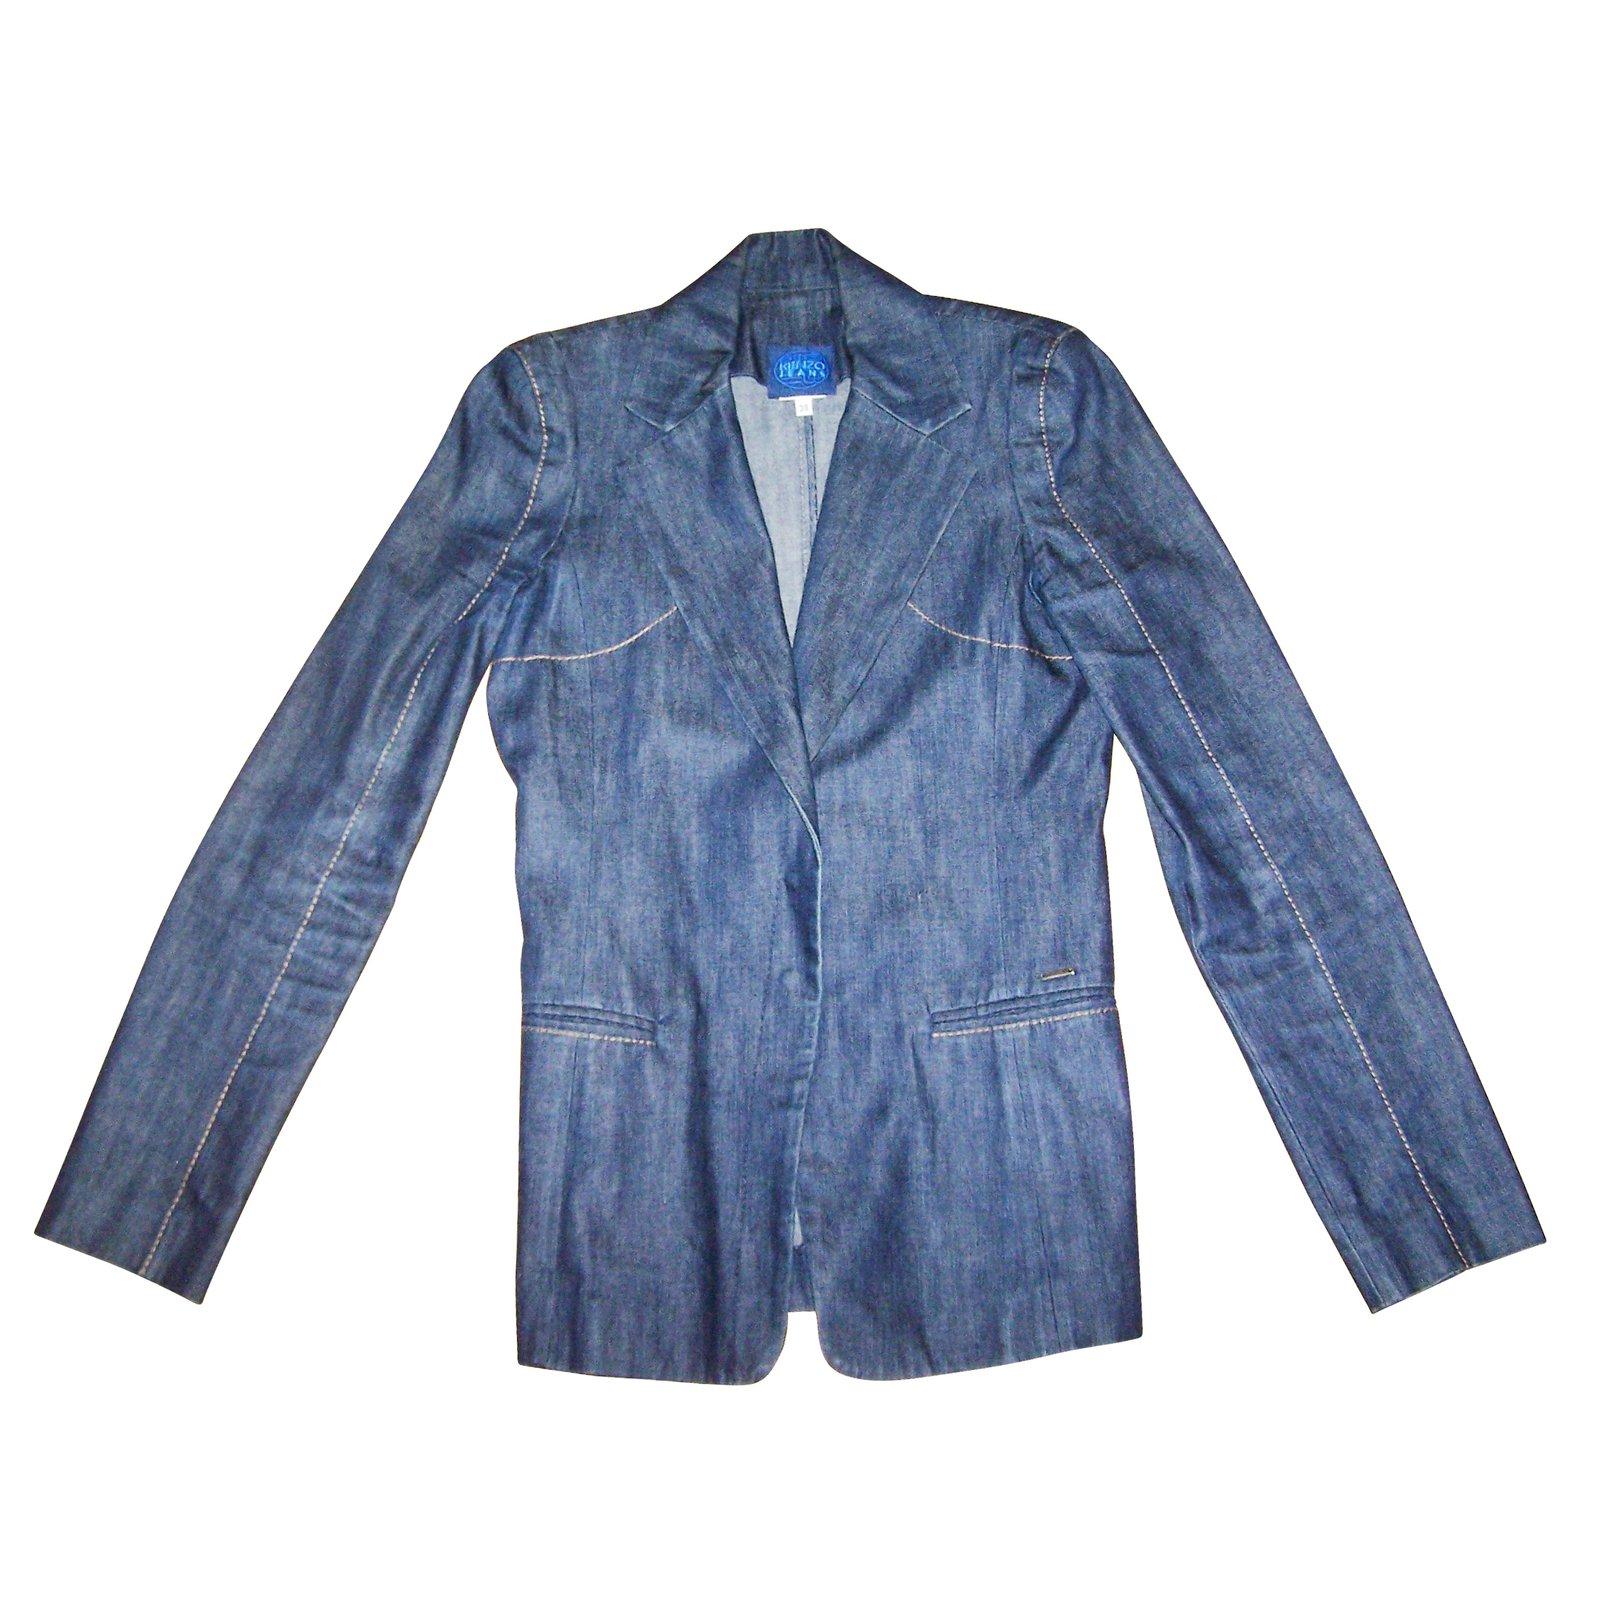 vestes kenzo vestes jean bleu joli closet. Black Bedroom Furniture Sets. Home Design Ideas